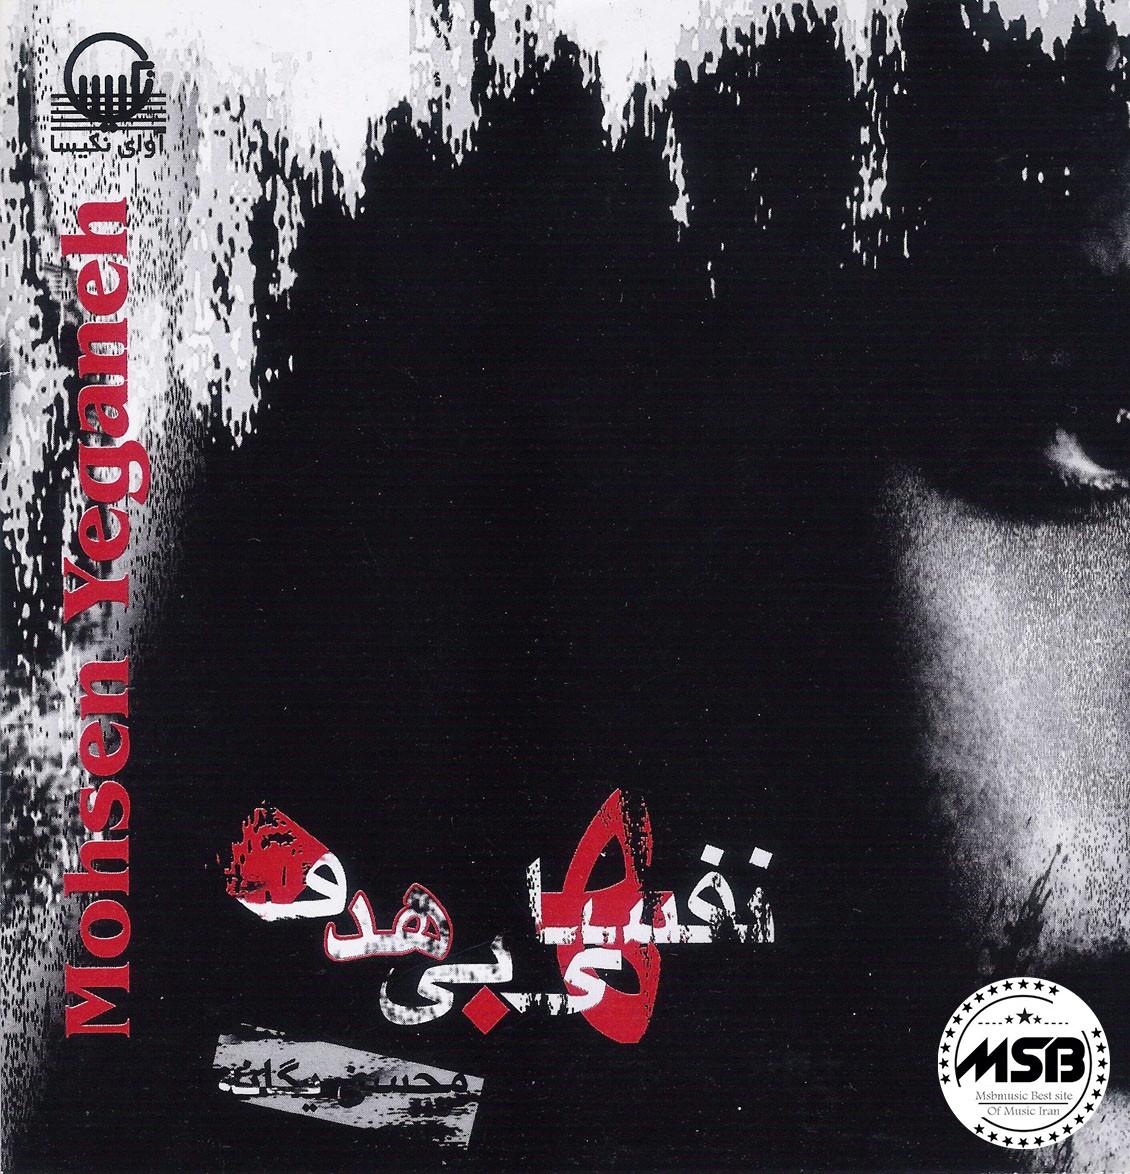 دانلود آلبوم محسن یگانه بنام نفس های بی هدف